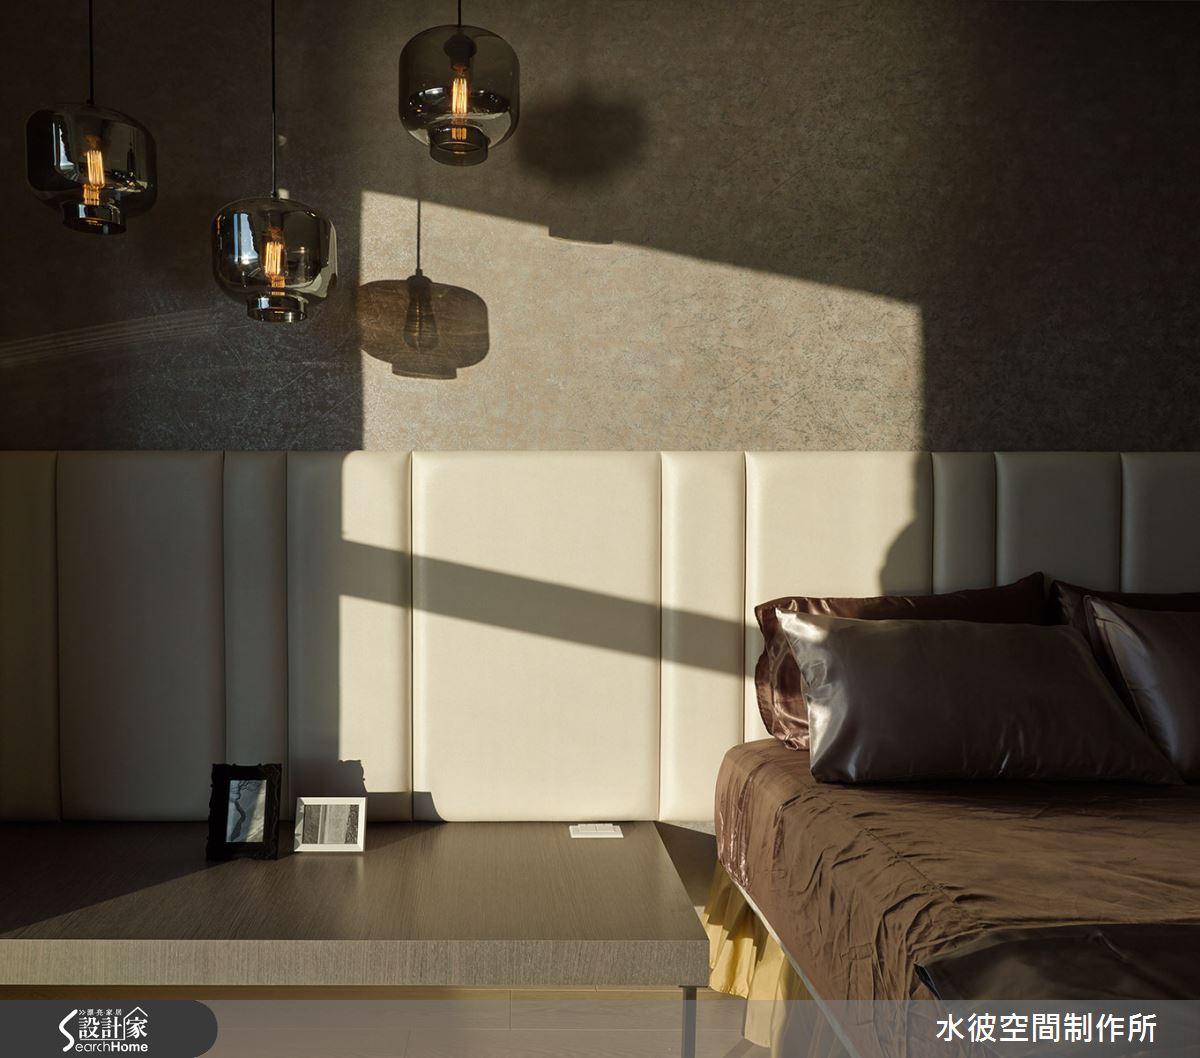 次臥床頭繃布的寬窄韻律與其上之吊燈構成一協調畫面。